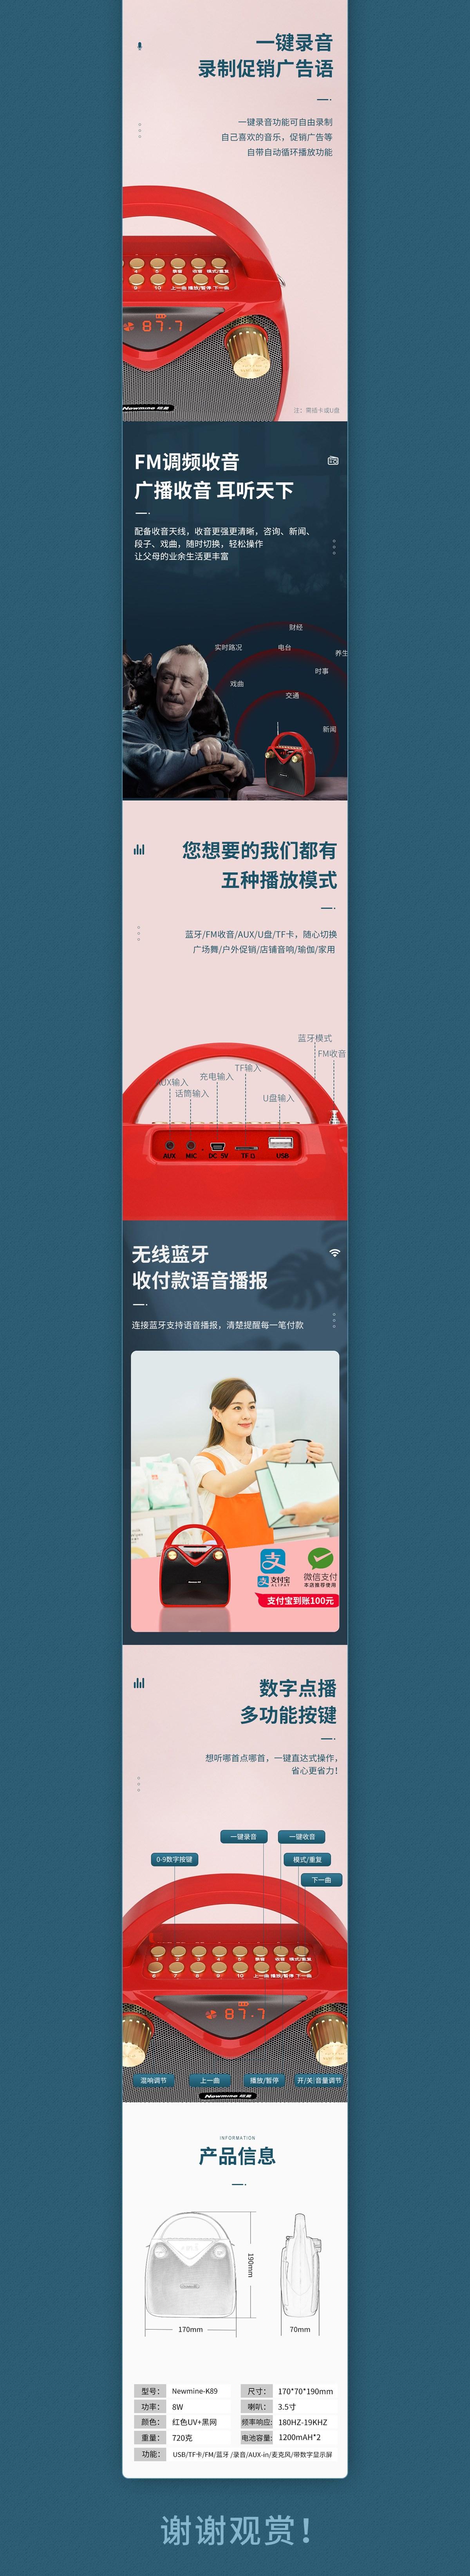 便携式手提户外音响详情页优化